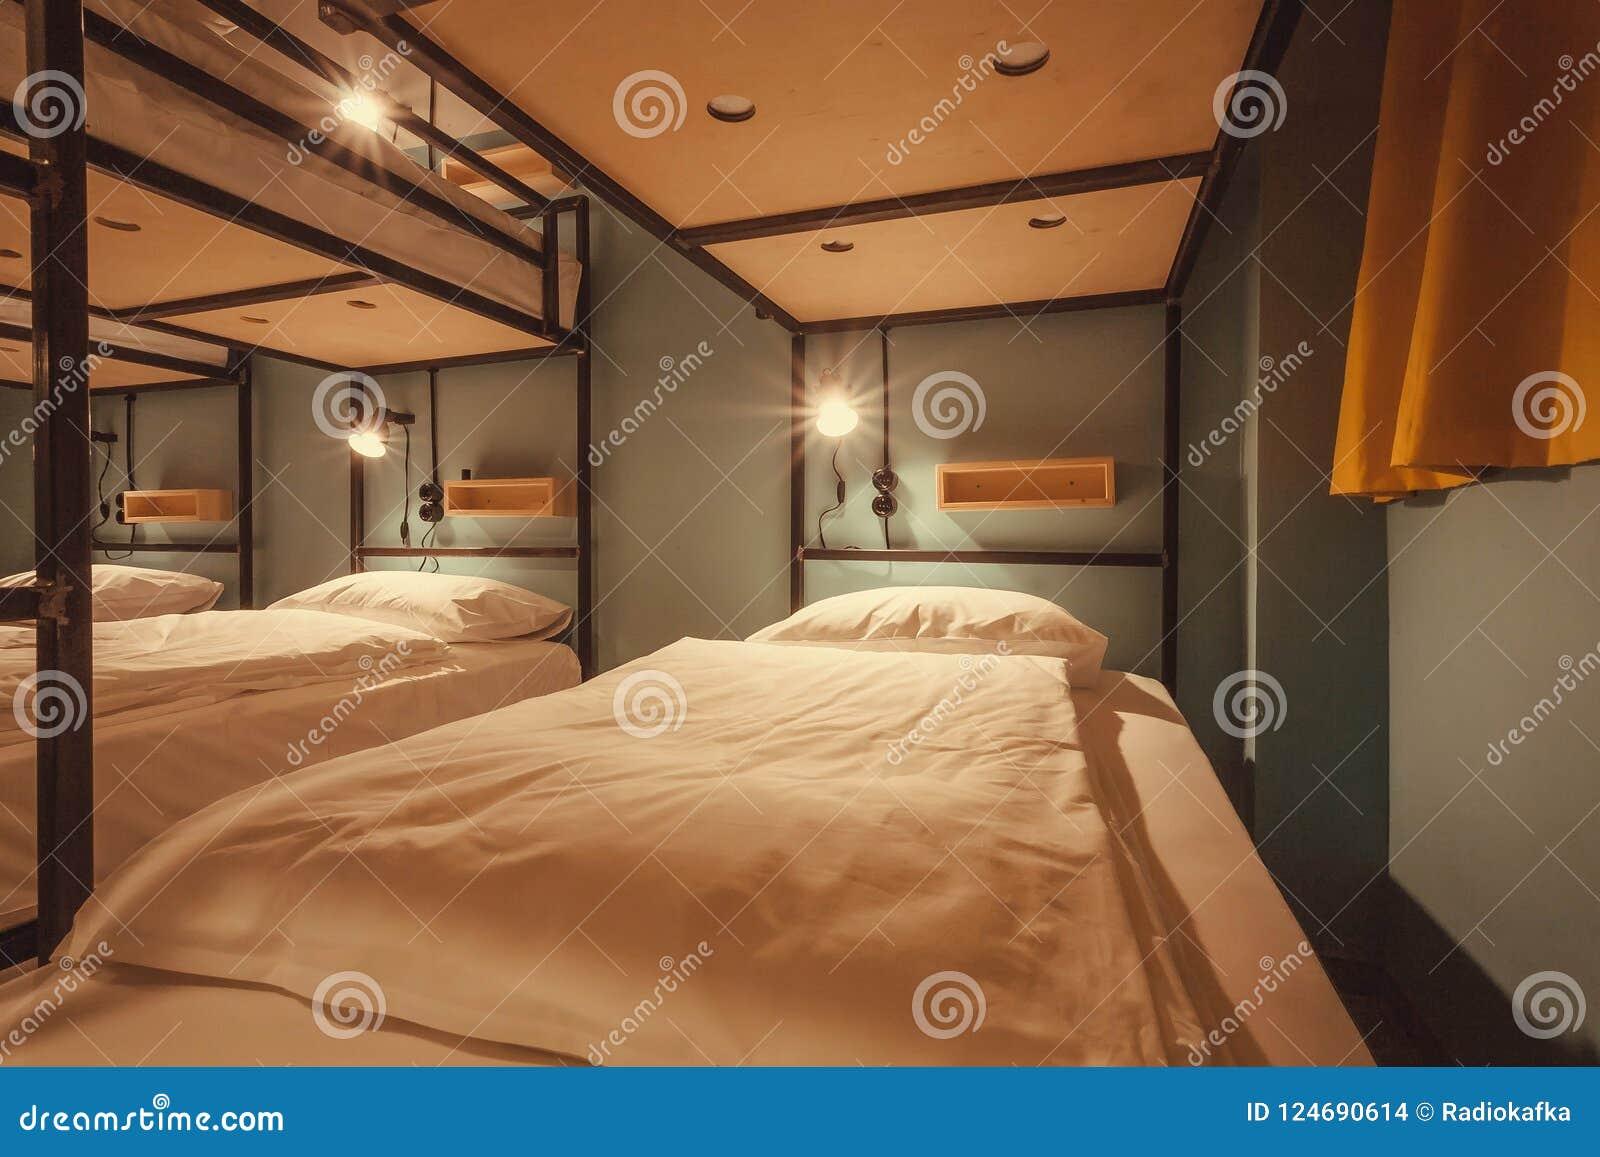 Inredesignen av ett dormrum av det turist- vandrarhemmet med rengöring bäddar ned för tolv personer